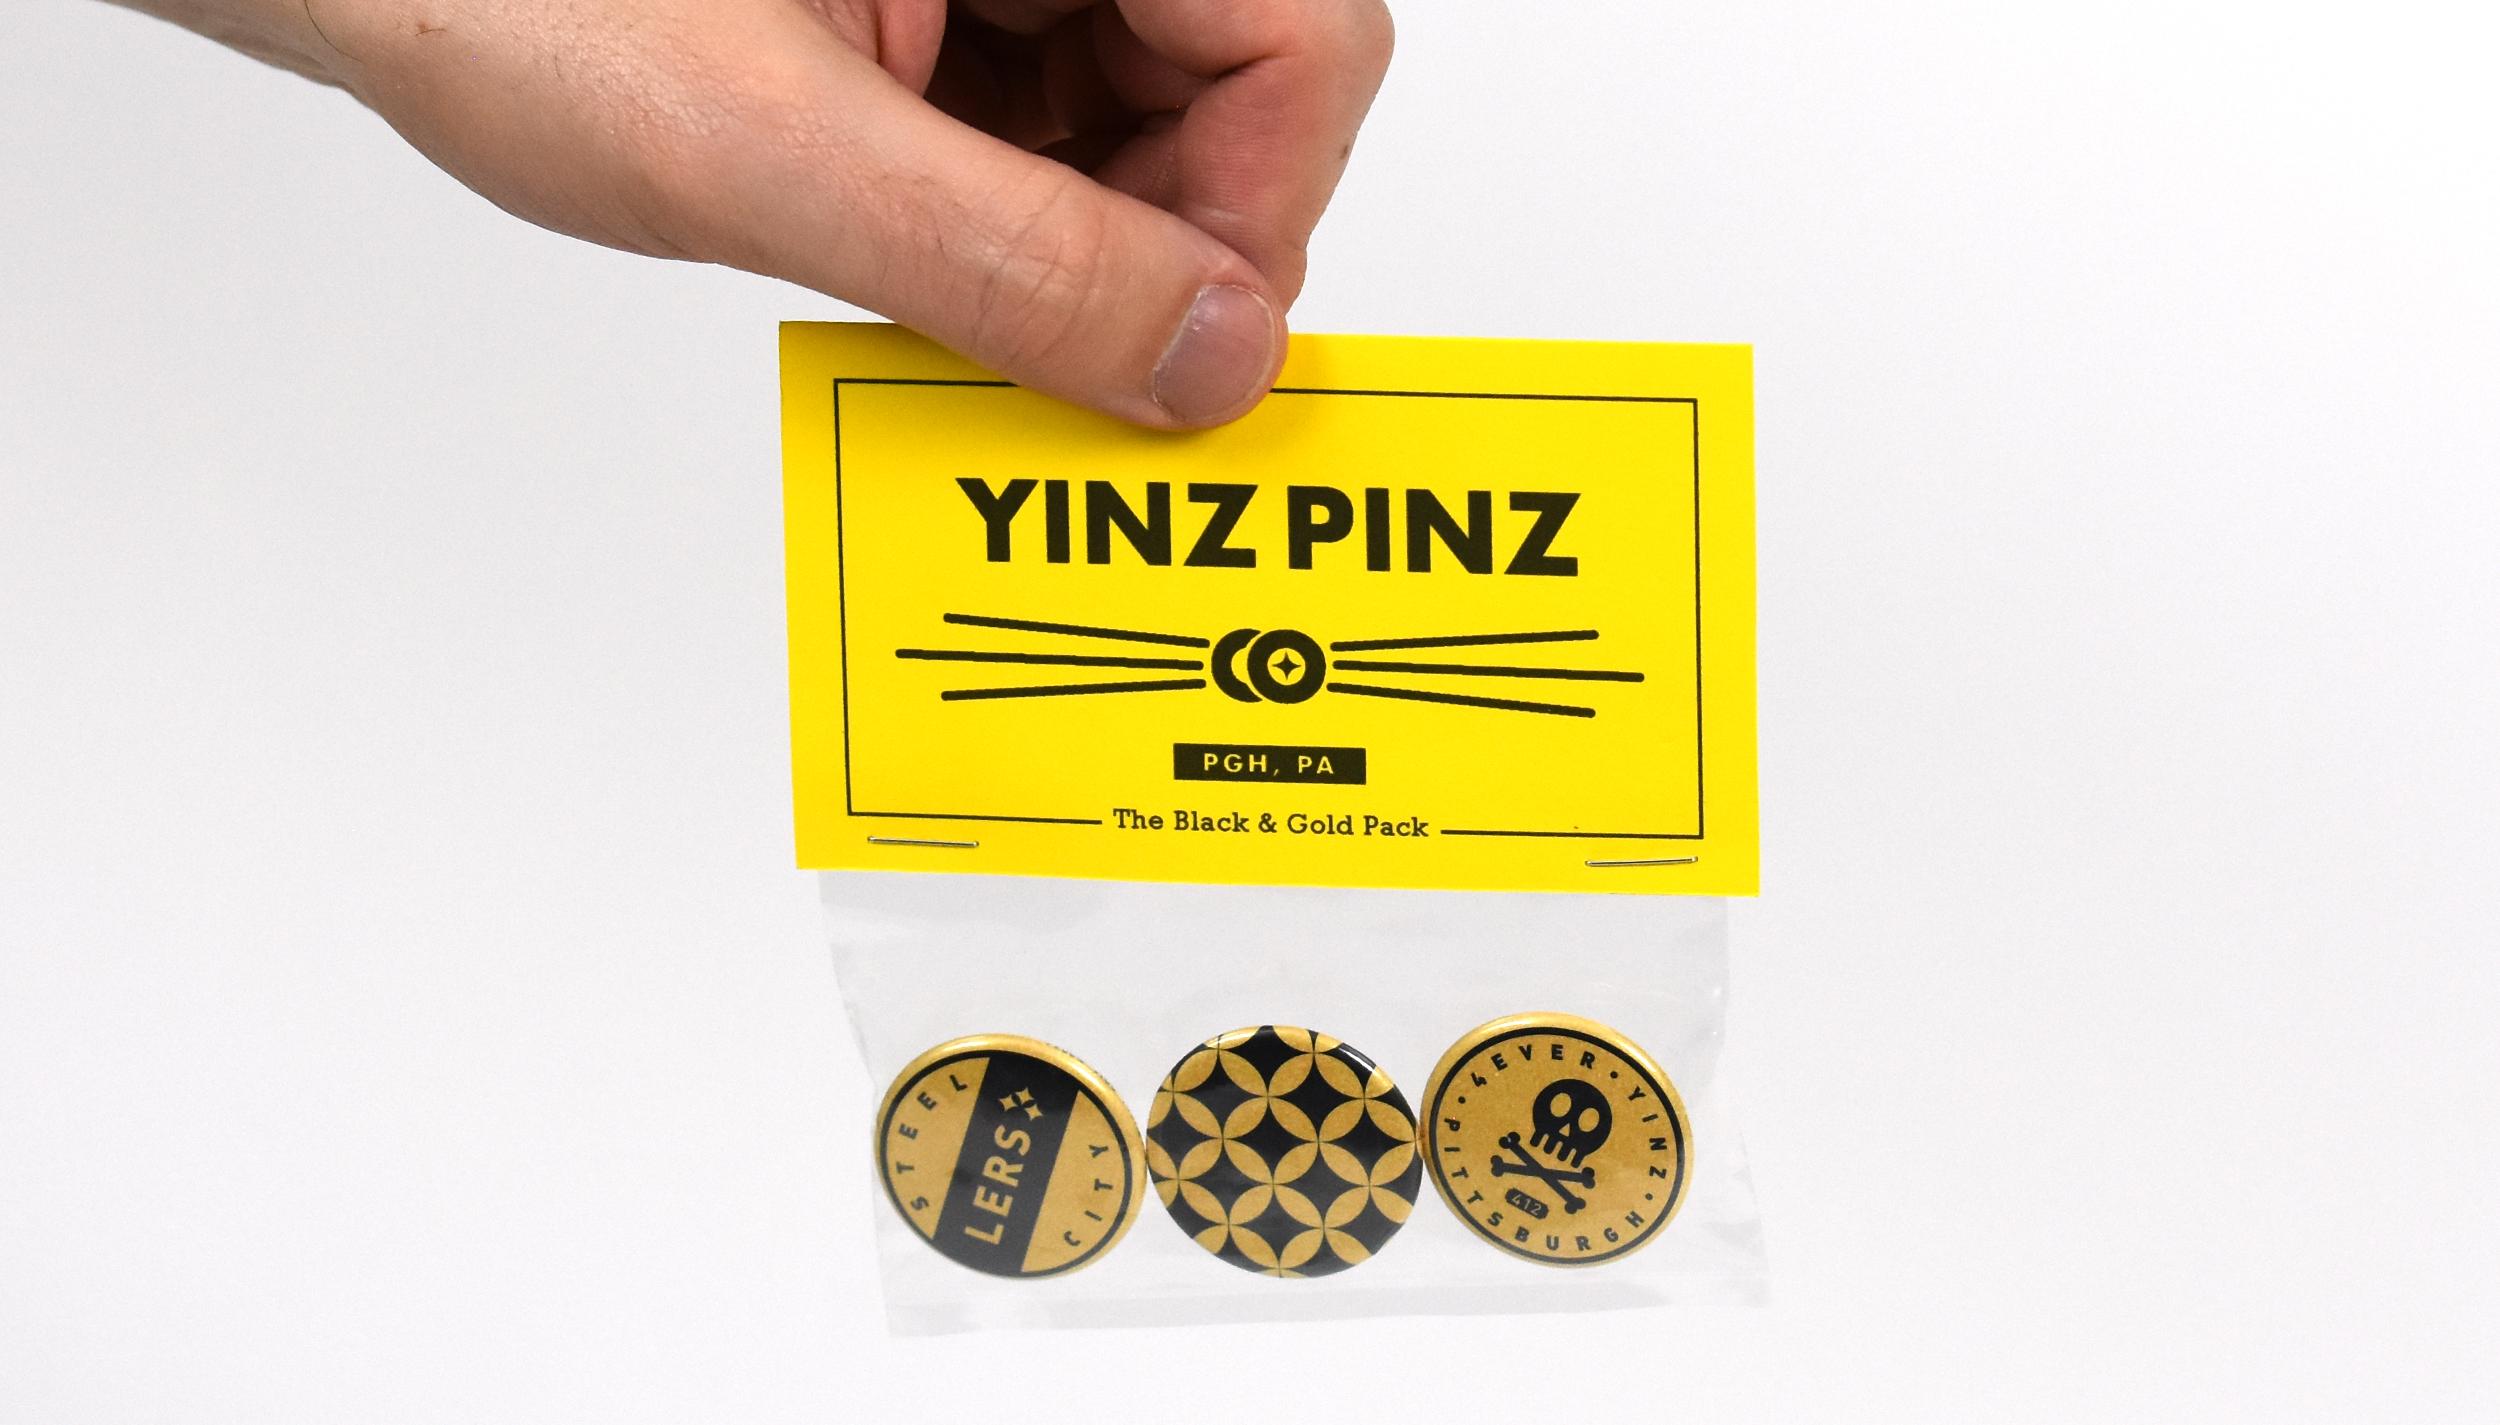 YinzPinz_Image03.png